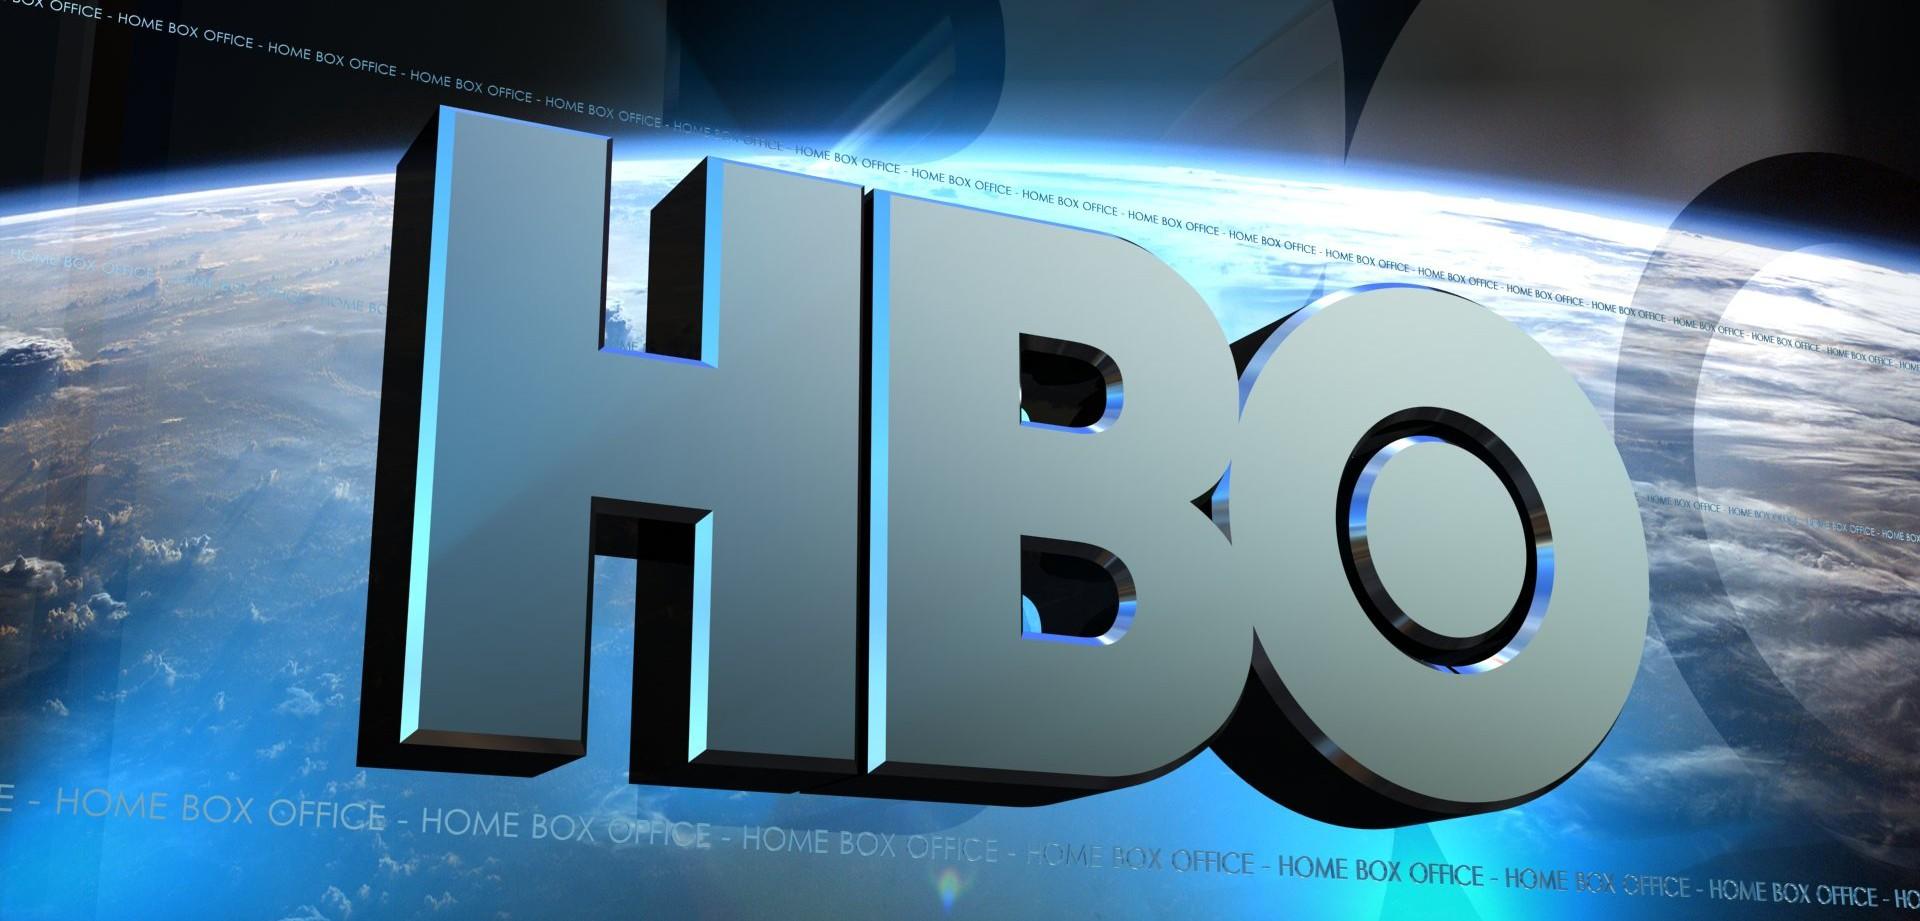 Styczniowe premiery filmów i seriali na kanałach HBO